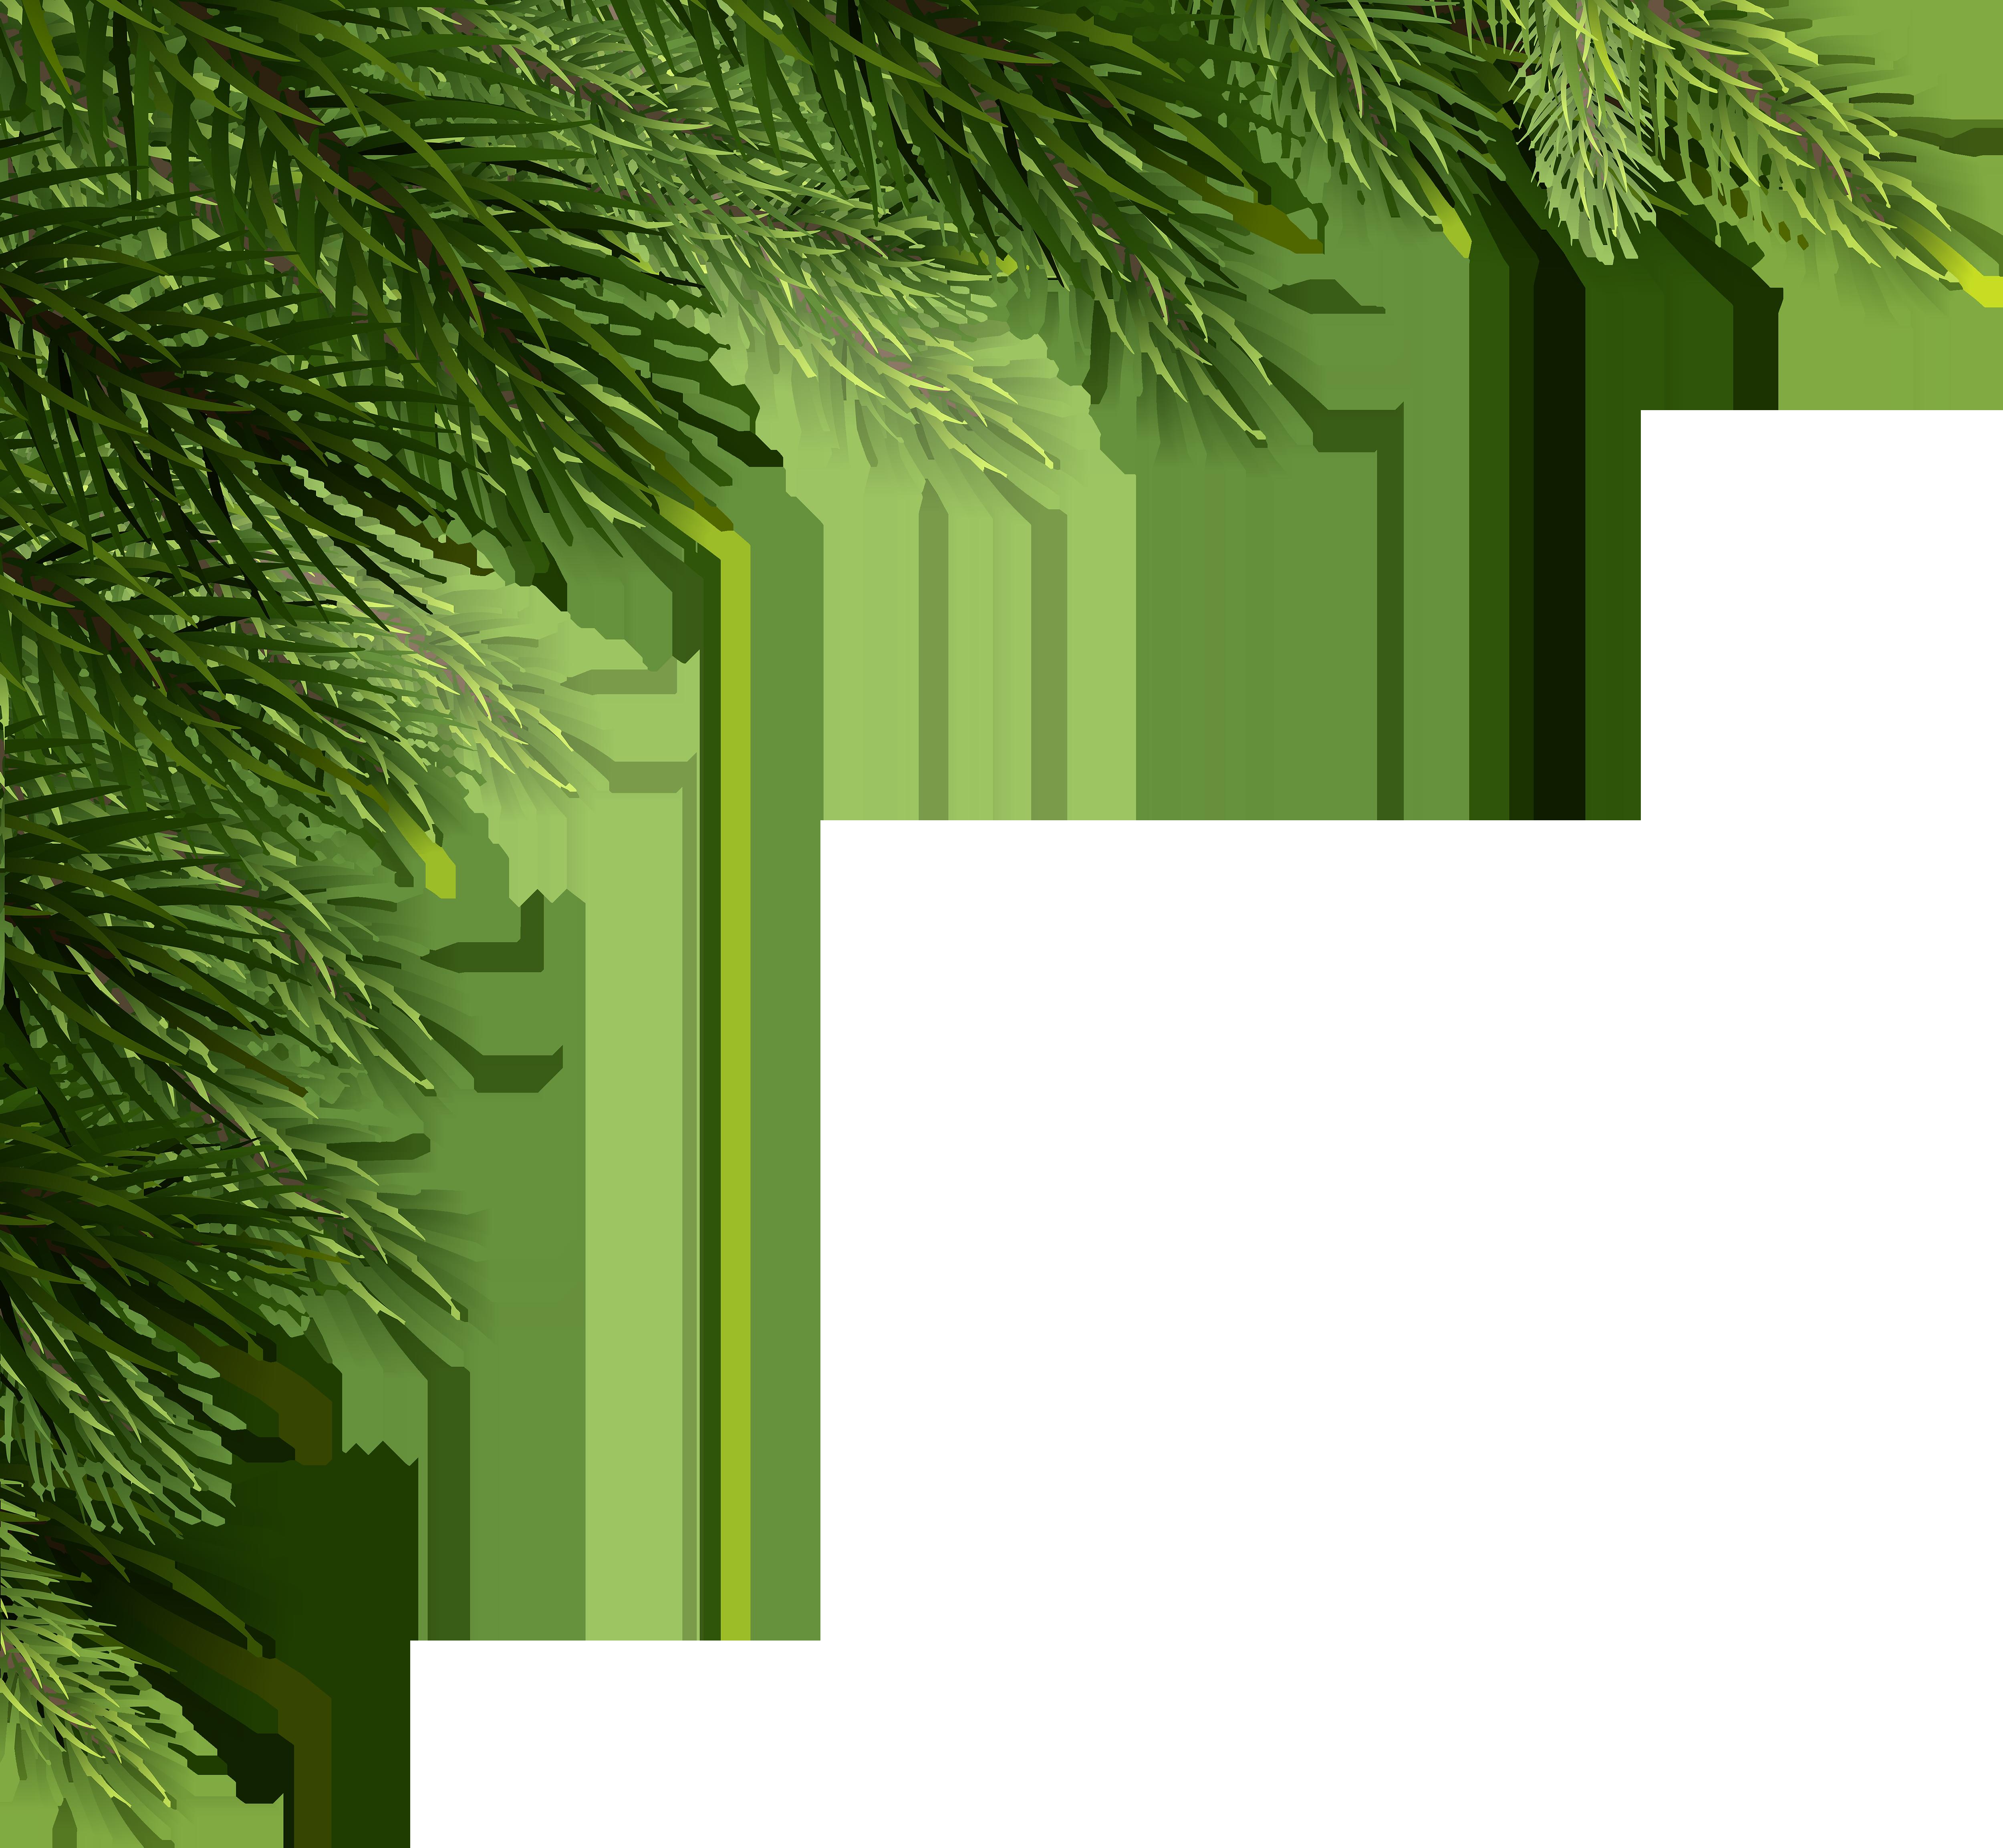 Christmas Pine Png.